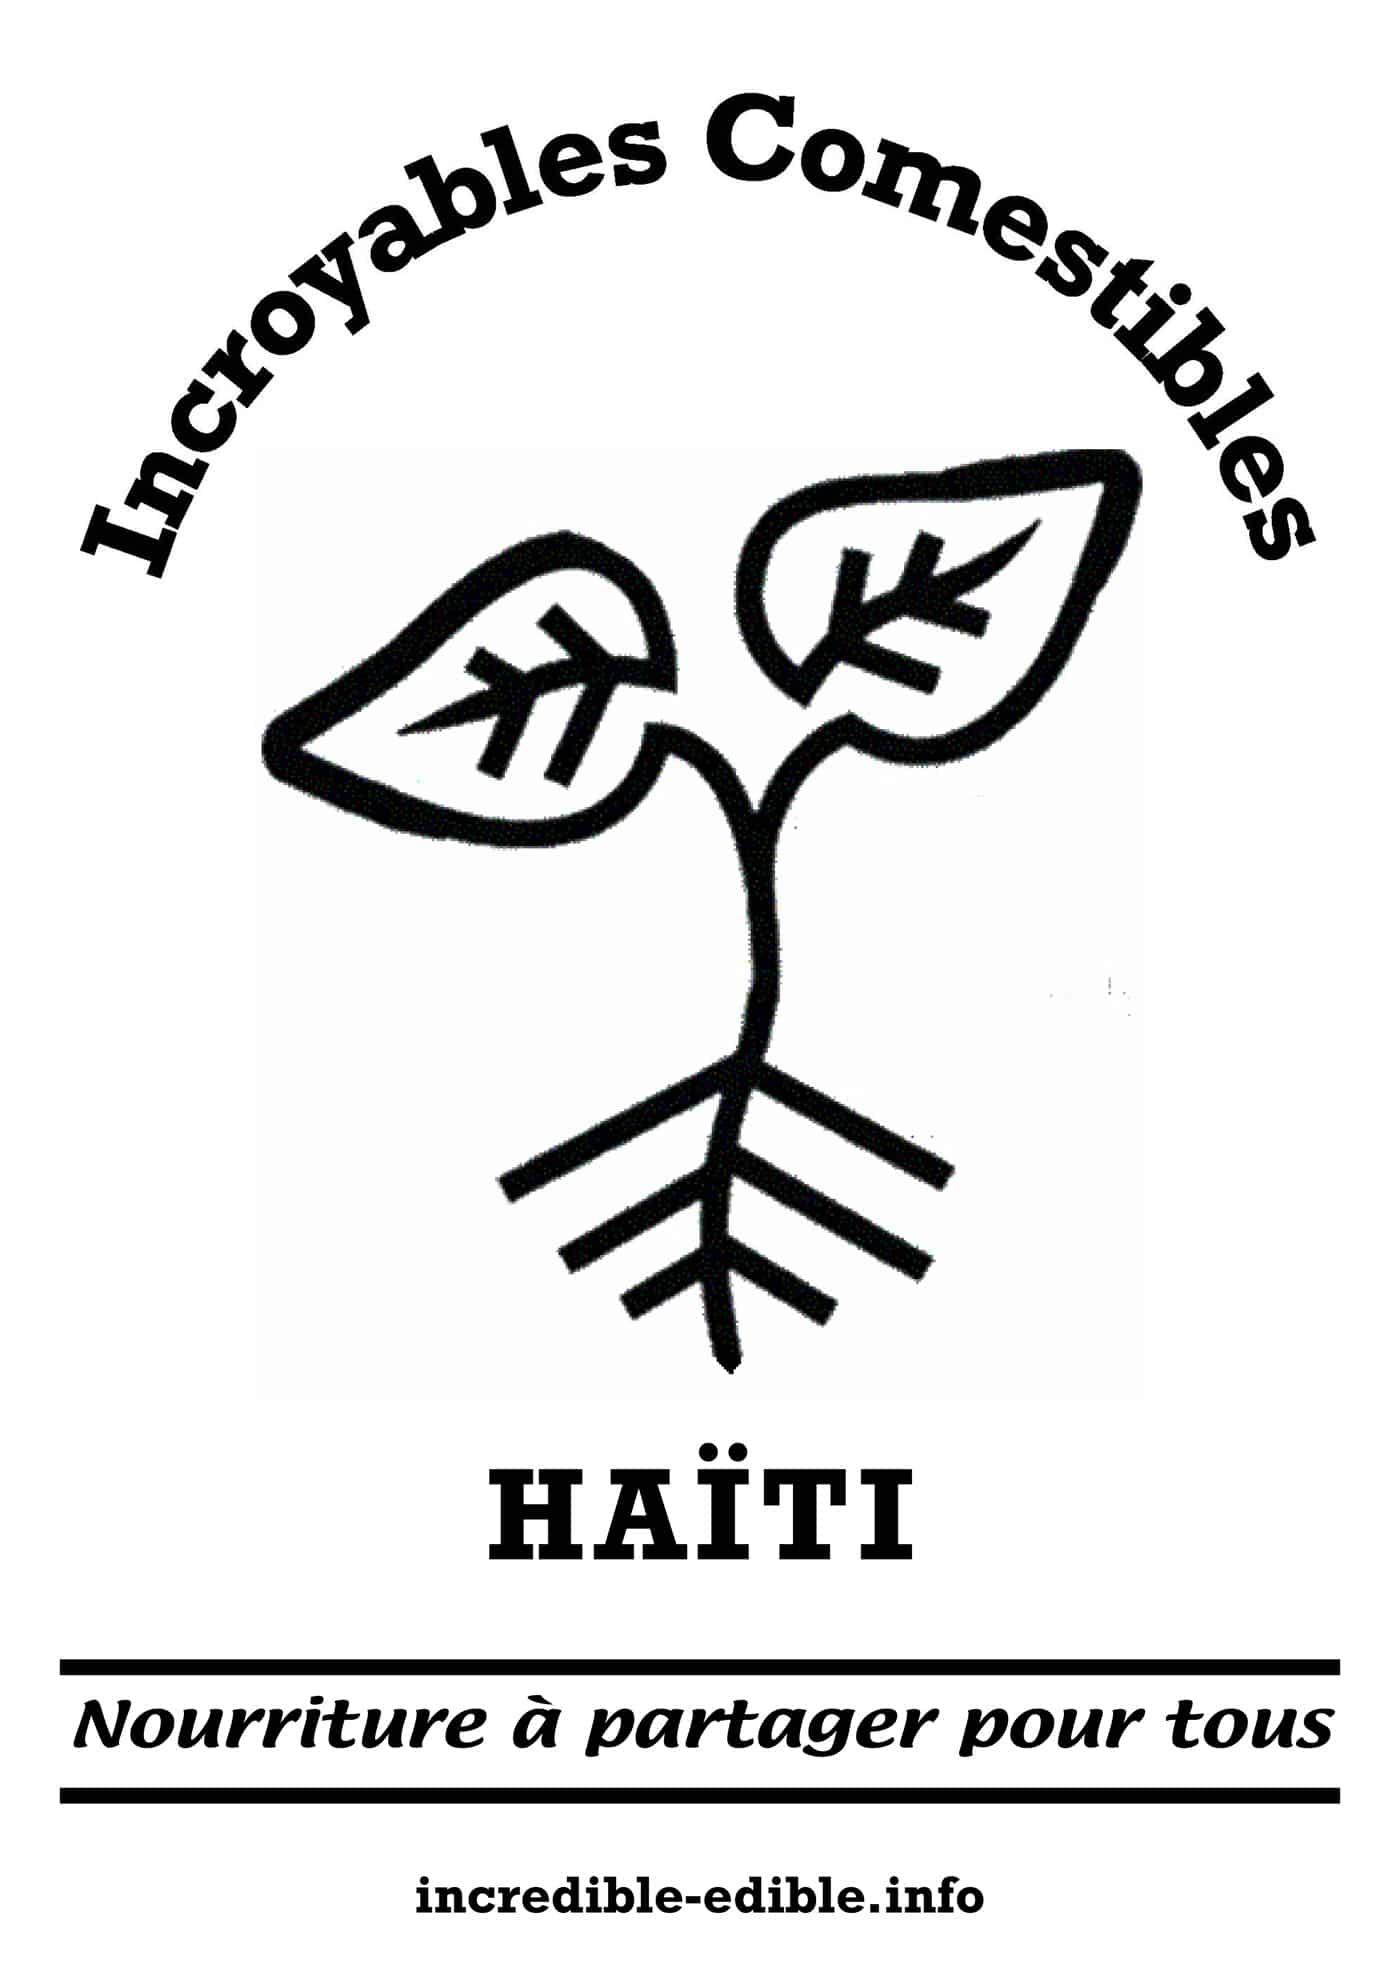 a285_incredible_edible_todmorden_haiti_visuel_incroyables_comestibles_w1400